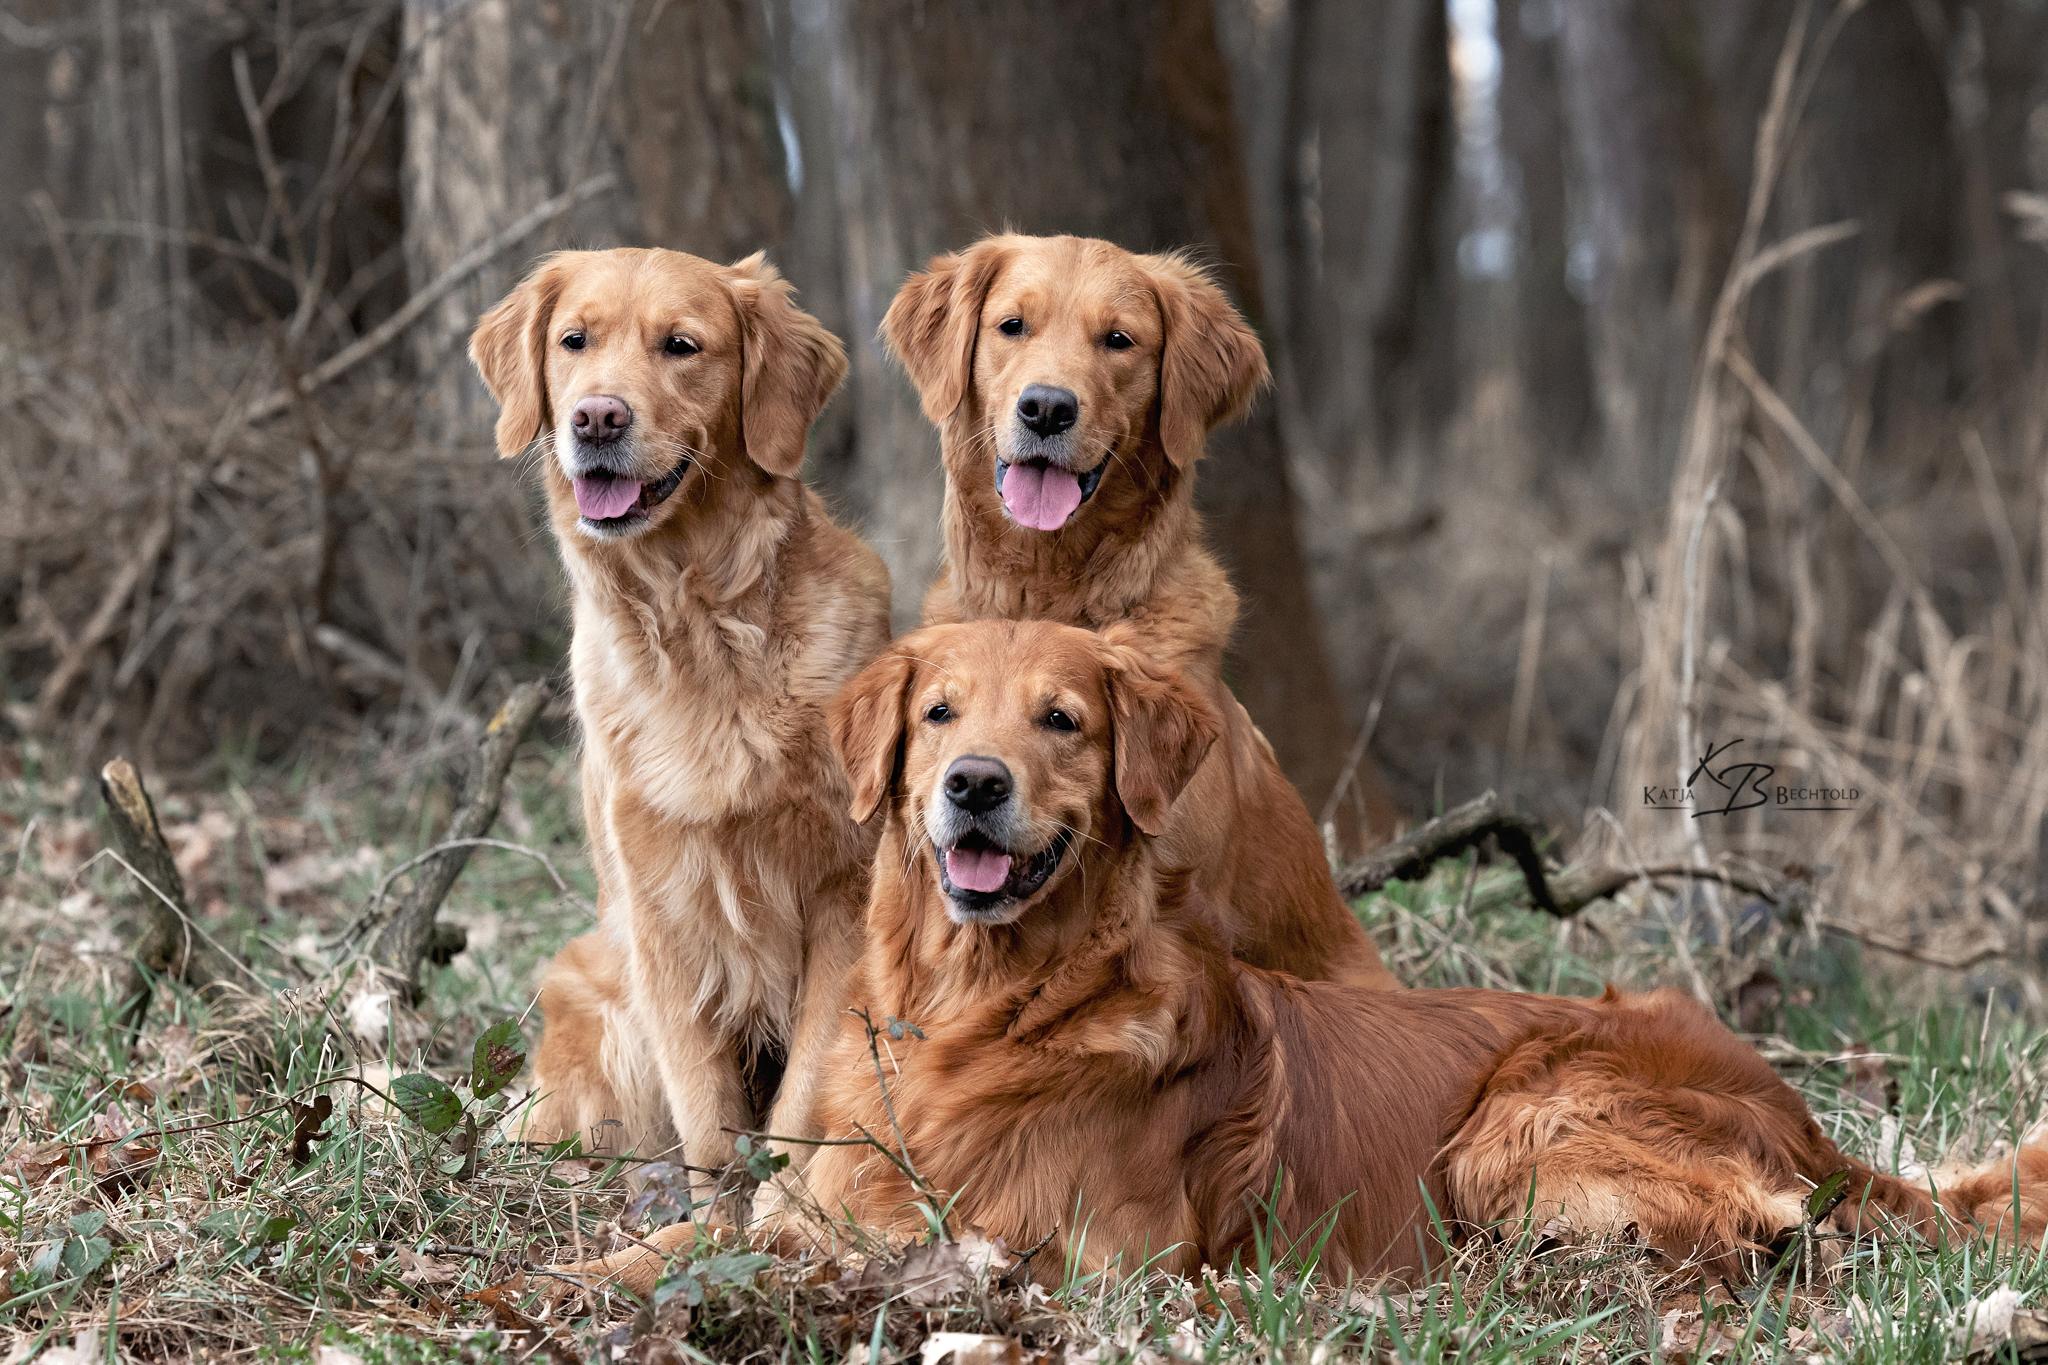 Phinegean, Gwendy und Shila